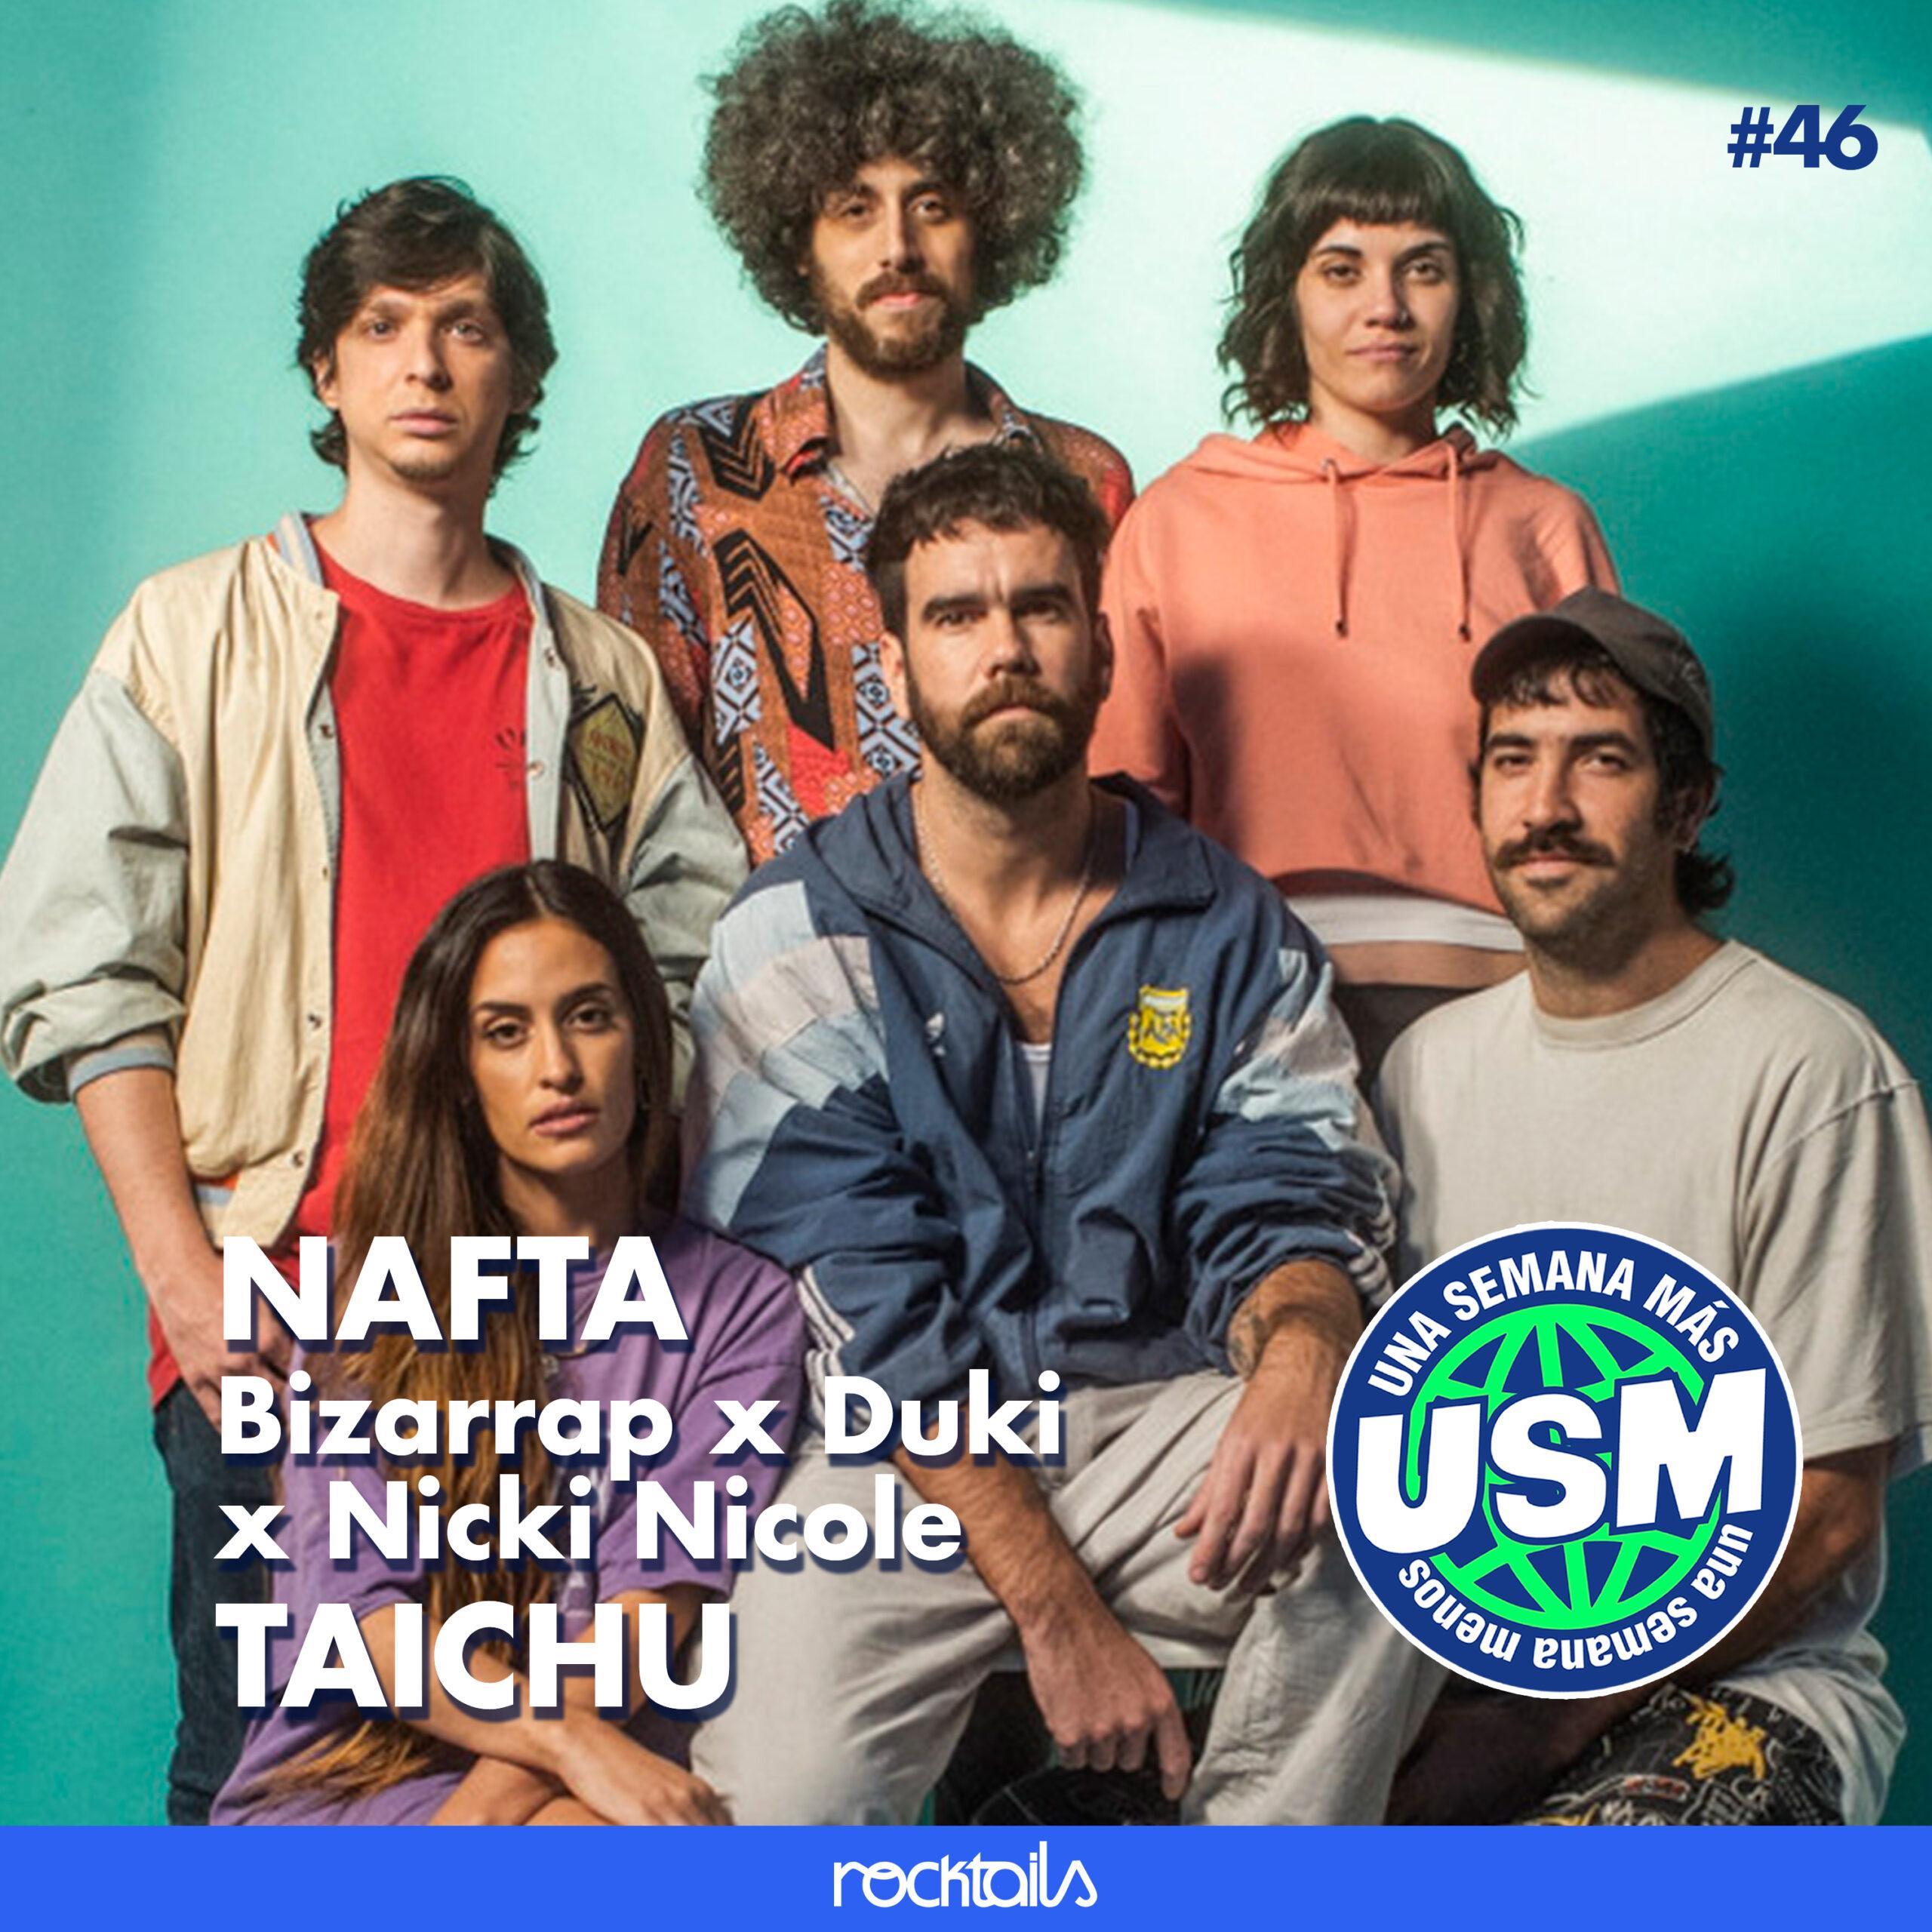 USM_46 NAFTA